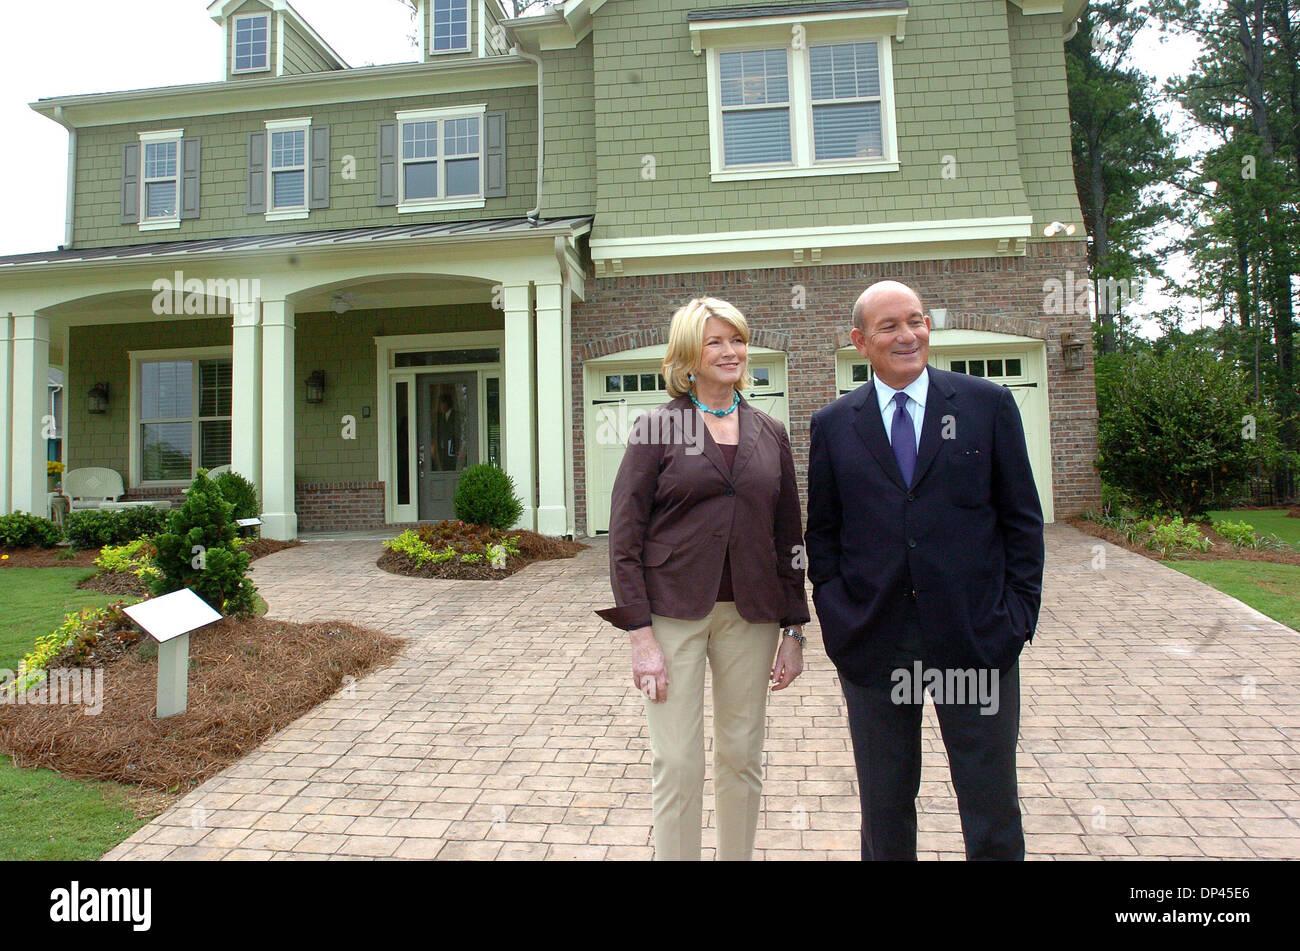 Jul 25, 2006; Fairburn, GA, USA; MARTHA STEWART outside one of the ...